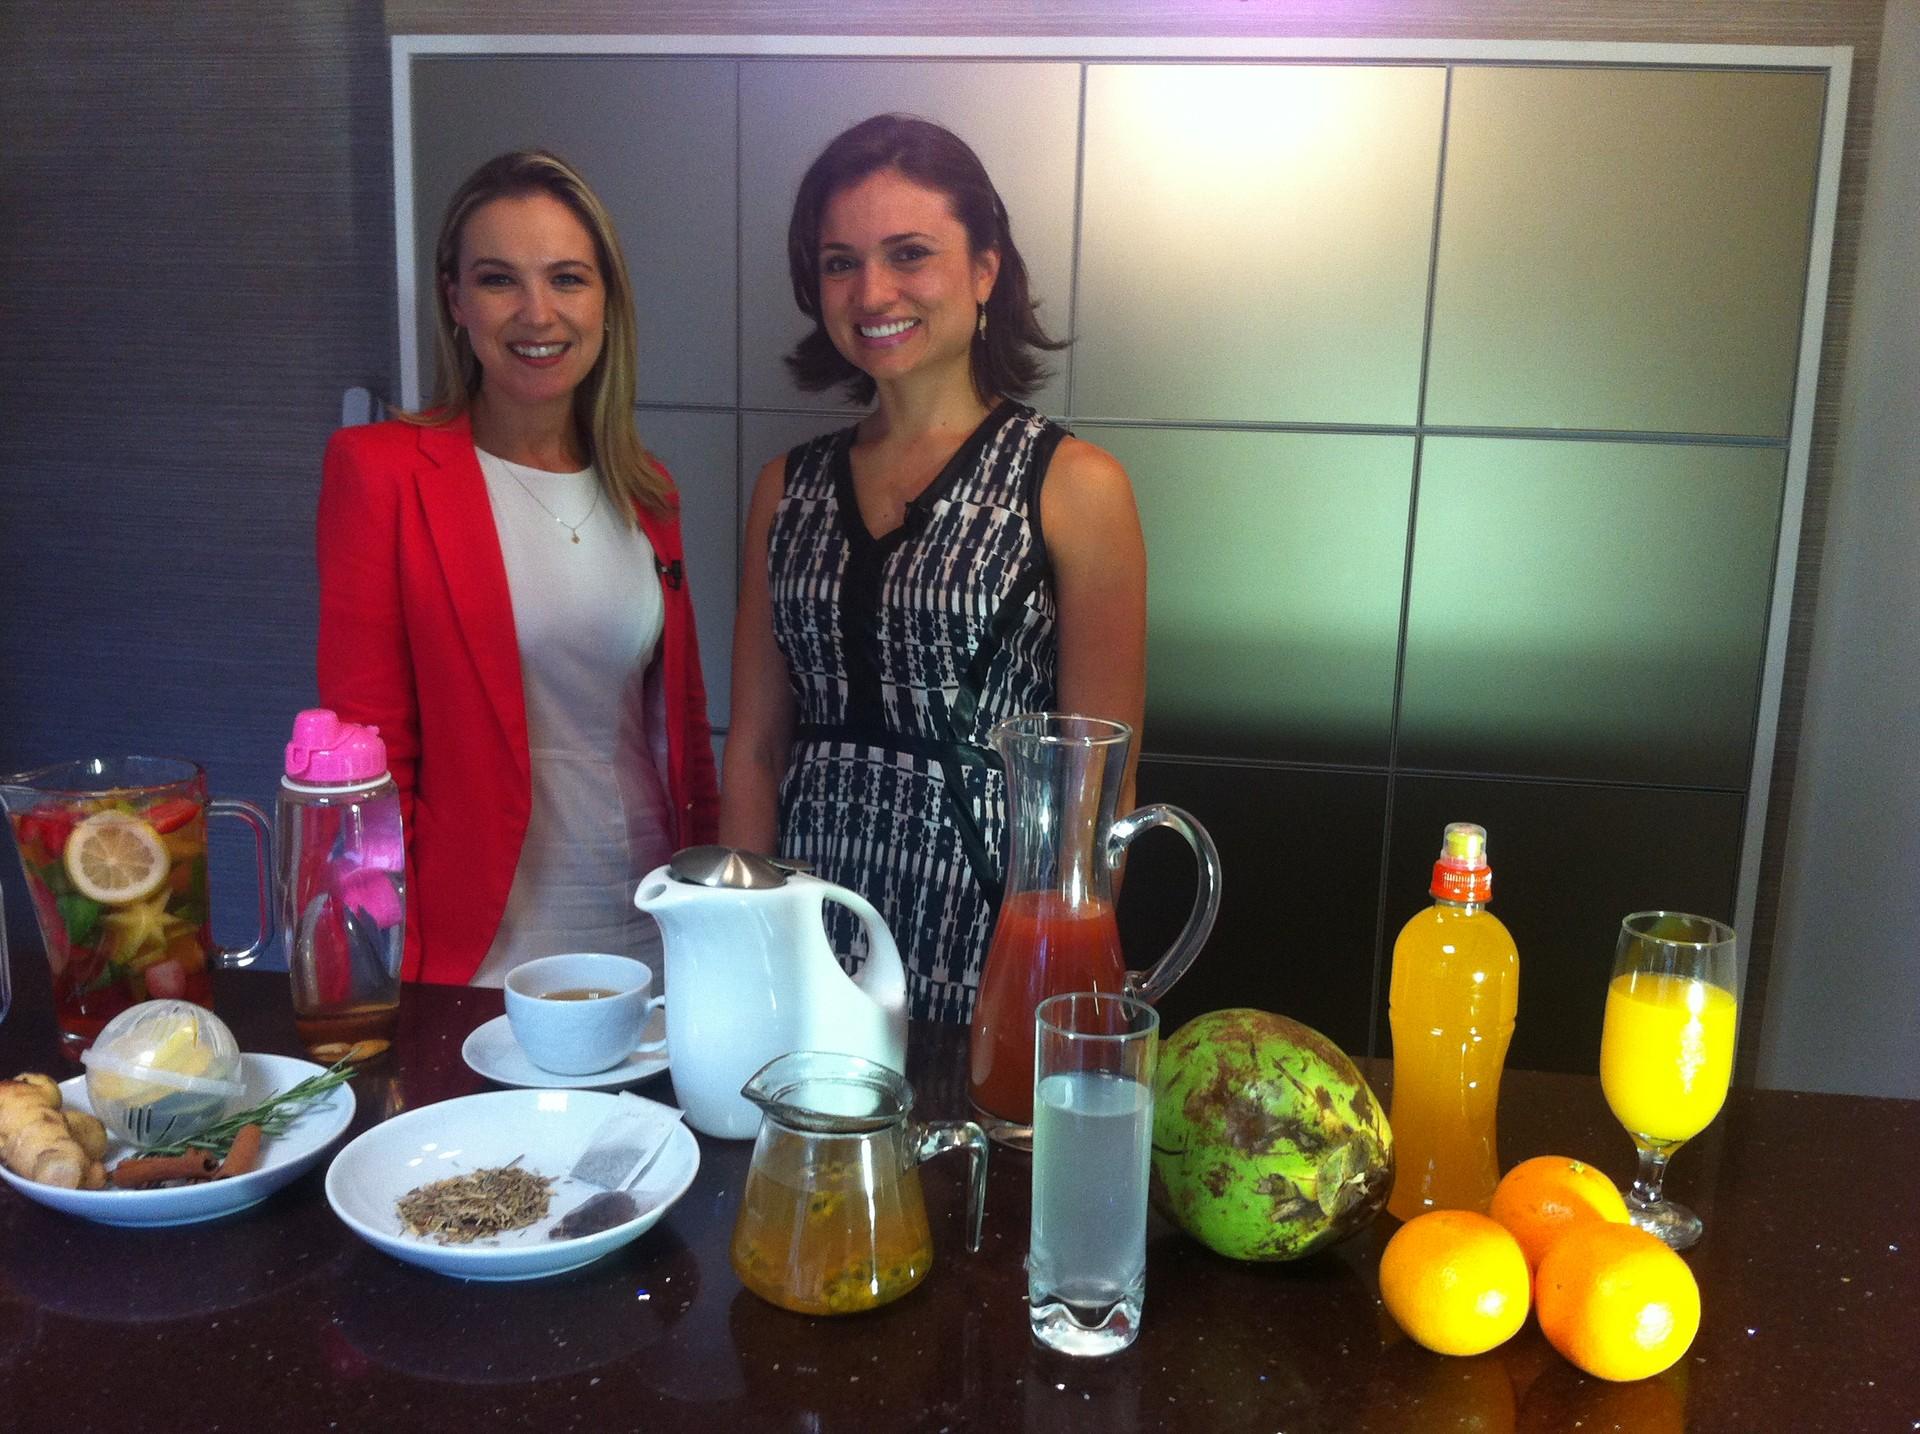 Vanessa Moltini e a nutricionista Helouse Odebrecht falam sobre hidratação (Foto: RBS TV/Divulgação)